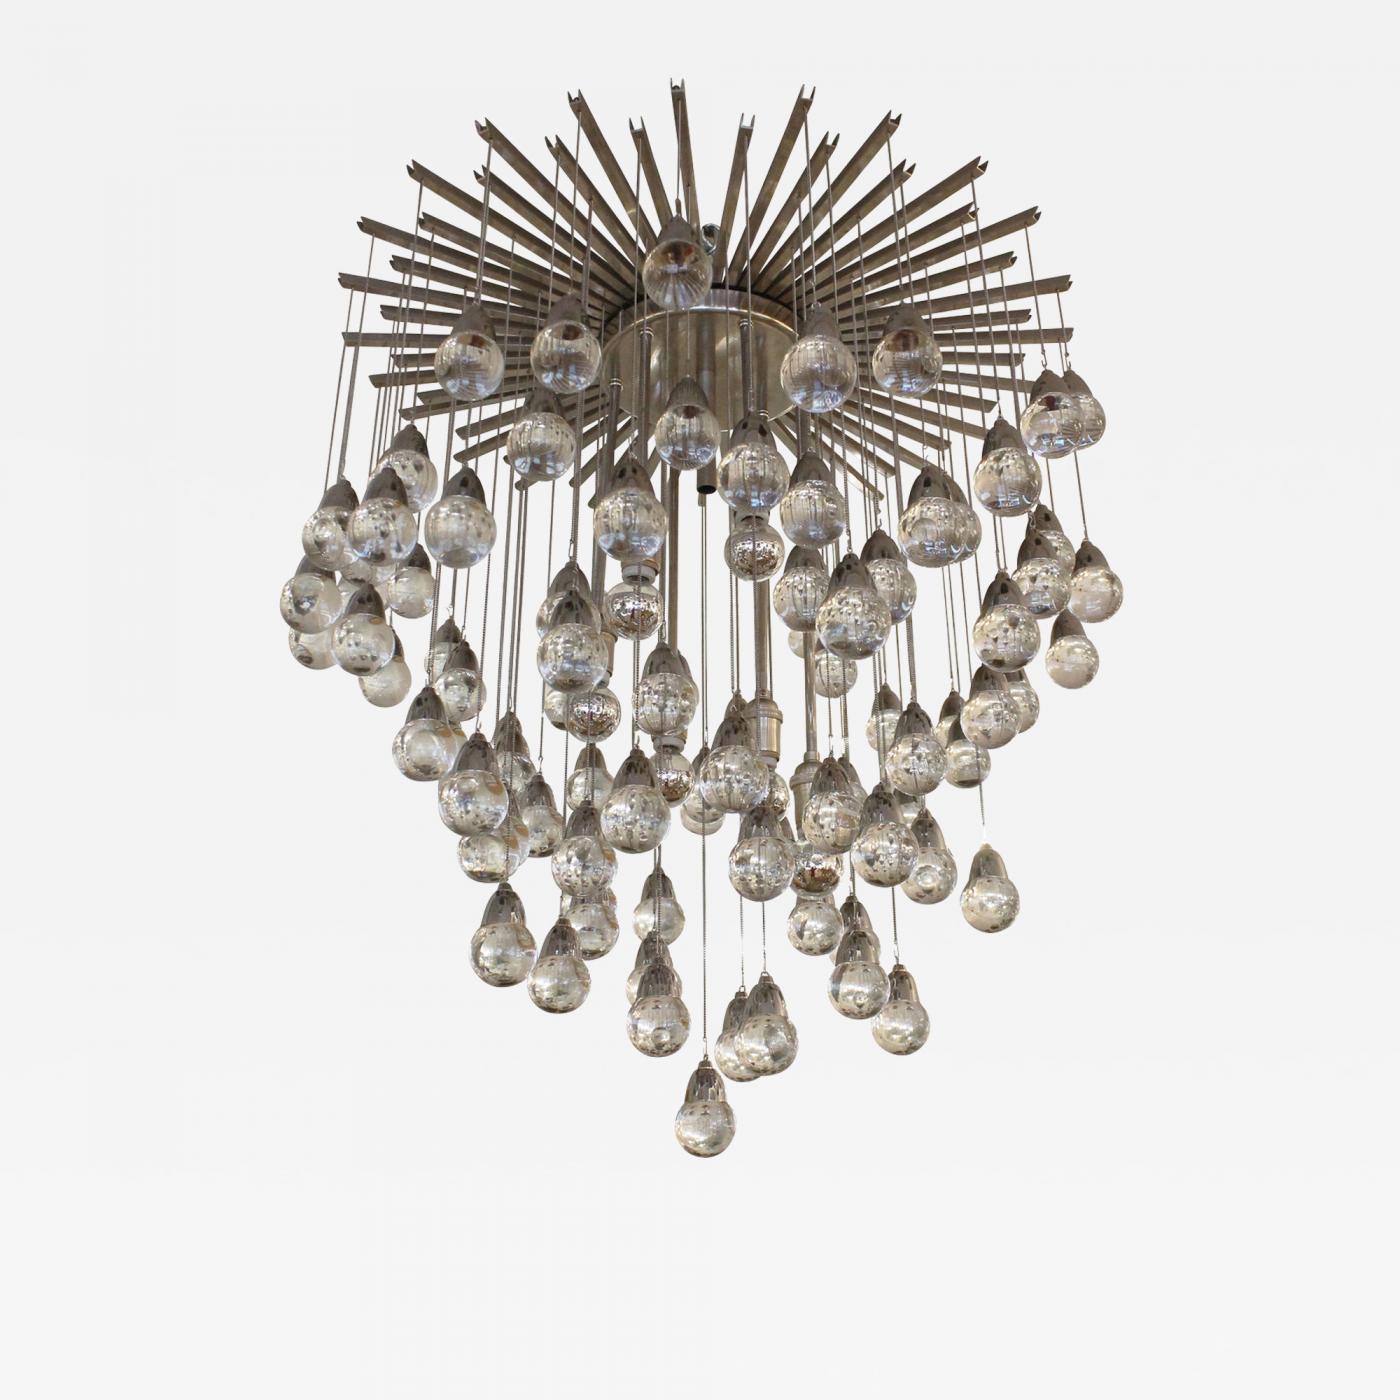 modern chandelier il chandeliers mount century fullxfull lamp flush sputnik lighting listing ceiling mid light